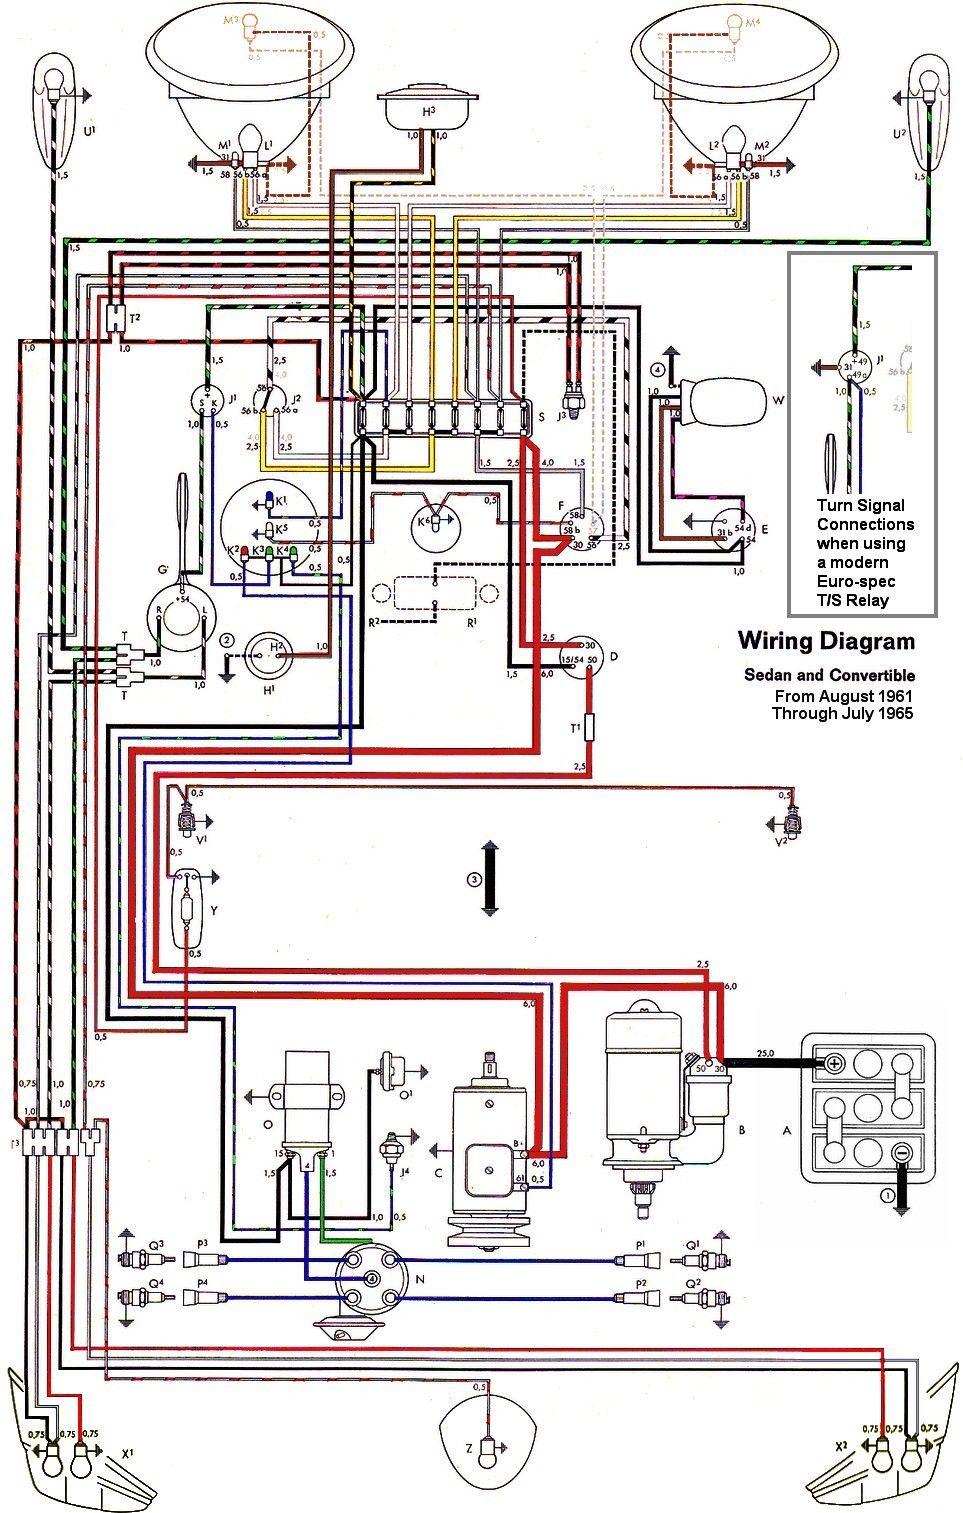 Vw Wiring Diagrams | Vw super beetle, Vw beetles, Electrical diagram Pinterest